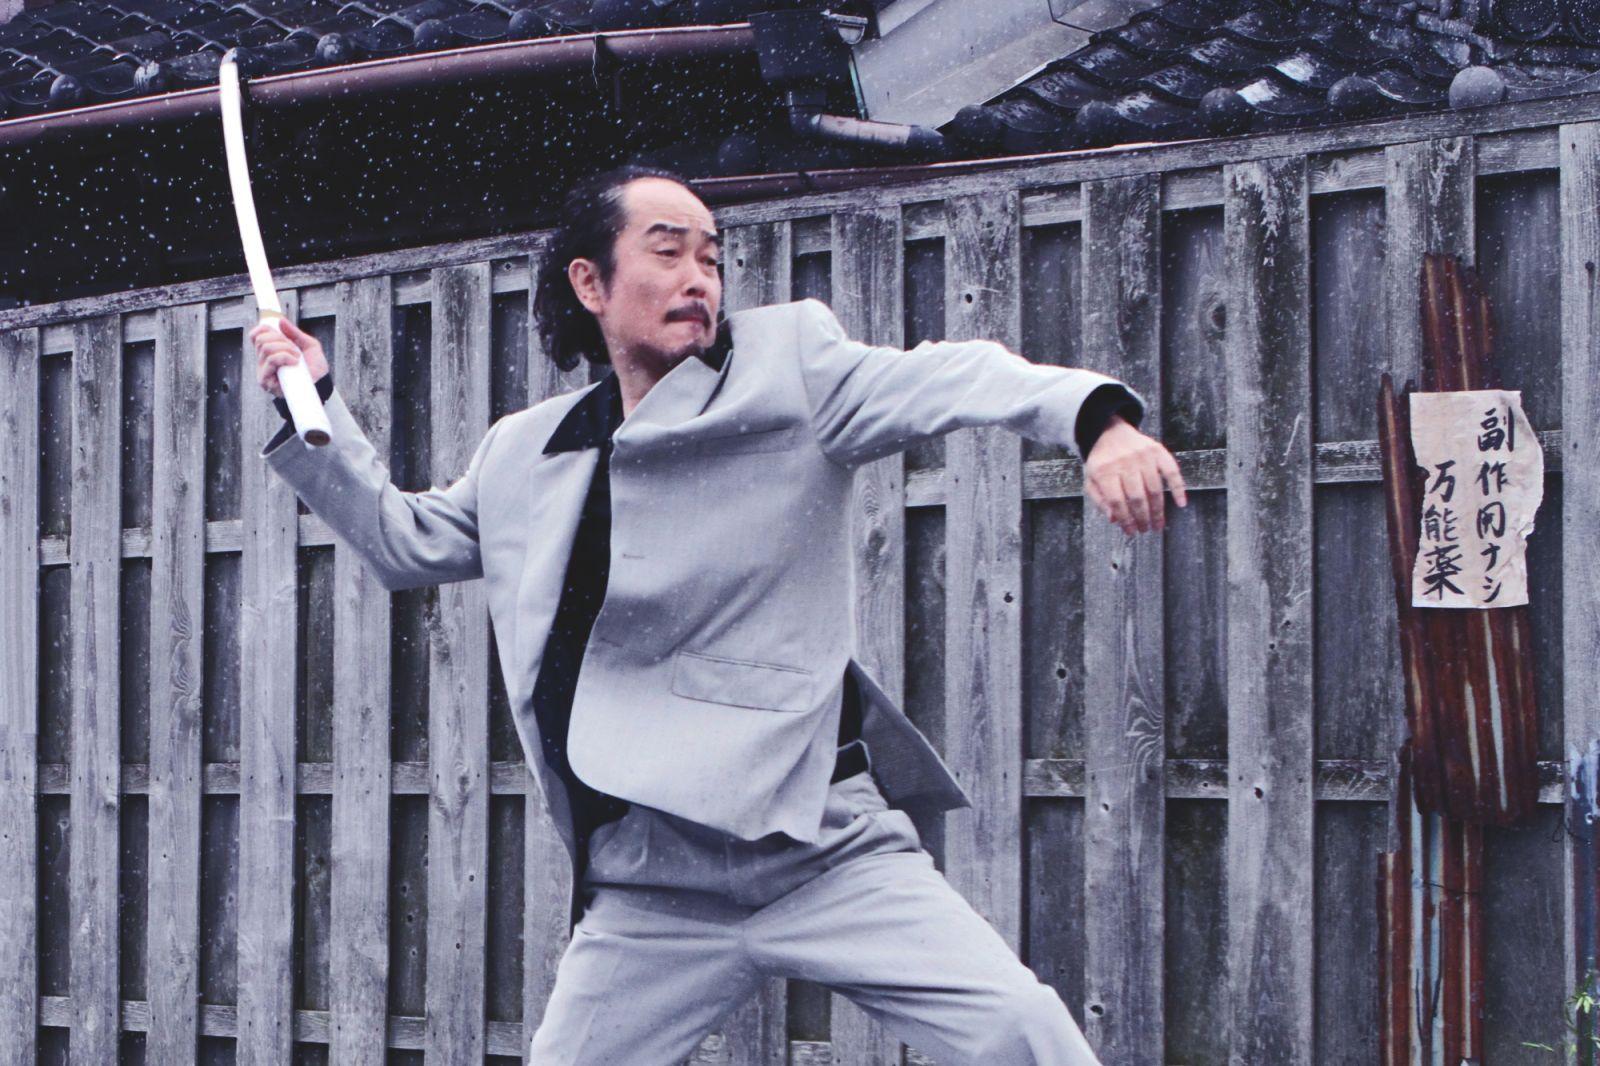 【フェチ】足裏での高速バイブ、つま先でグリグリとツボを刺激!! 2